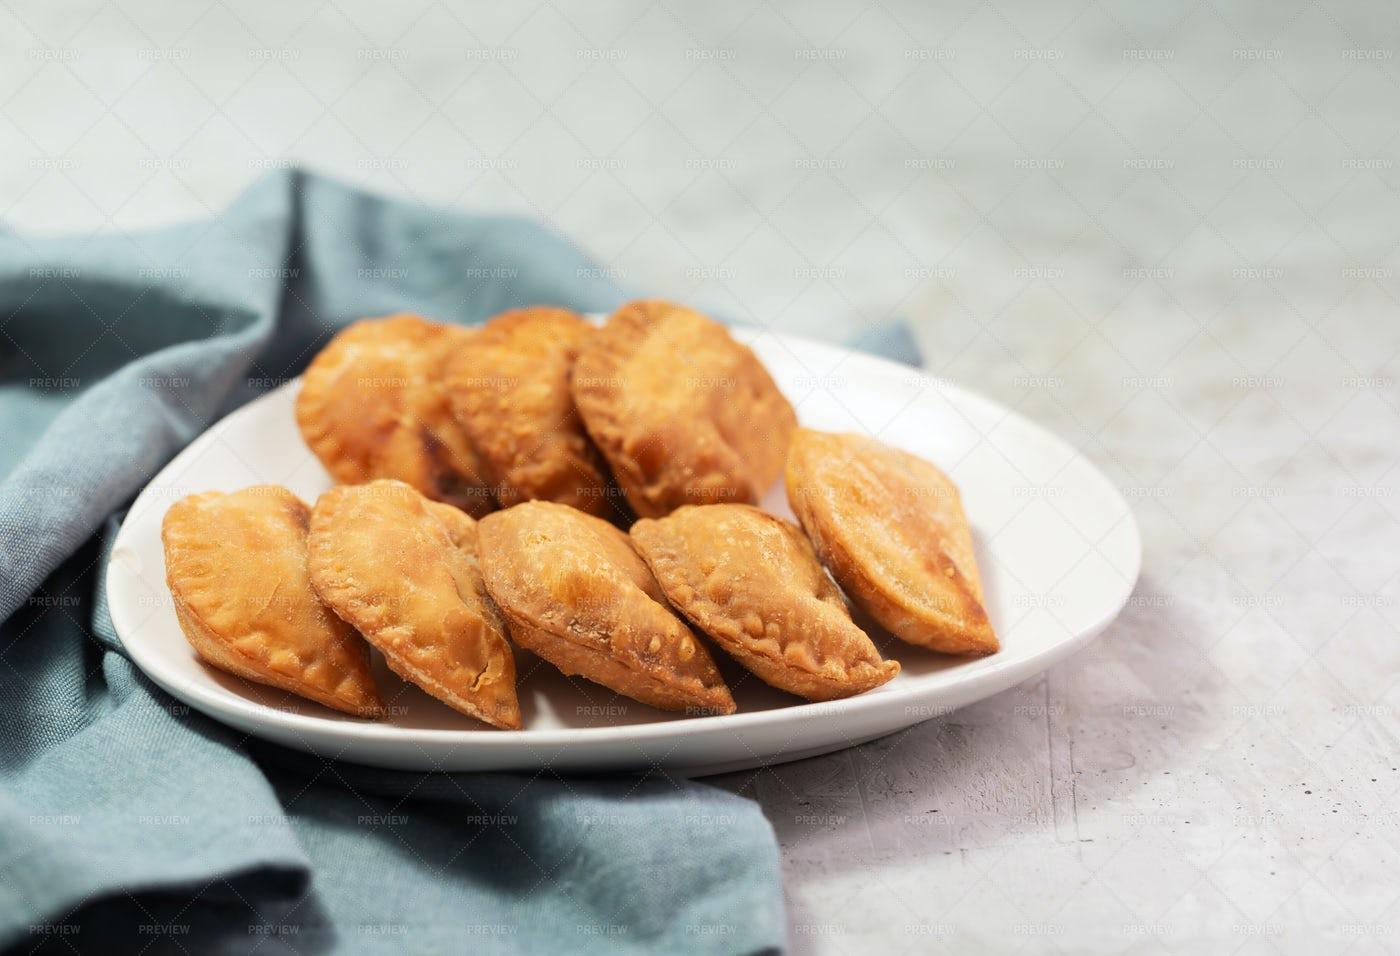 Empanadas On A White Plate: Stock Photos